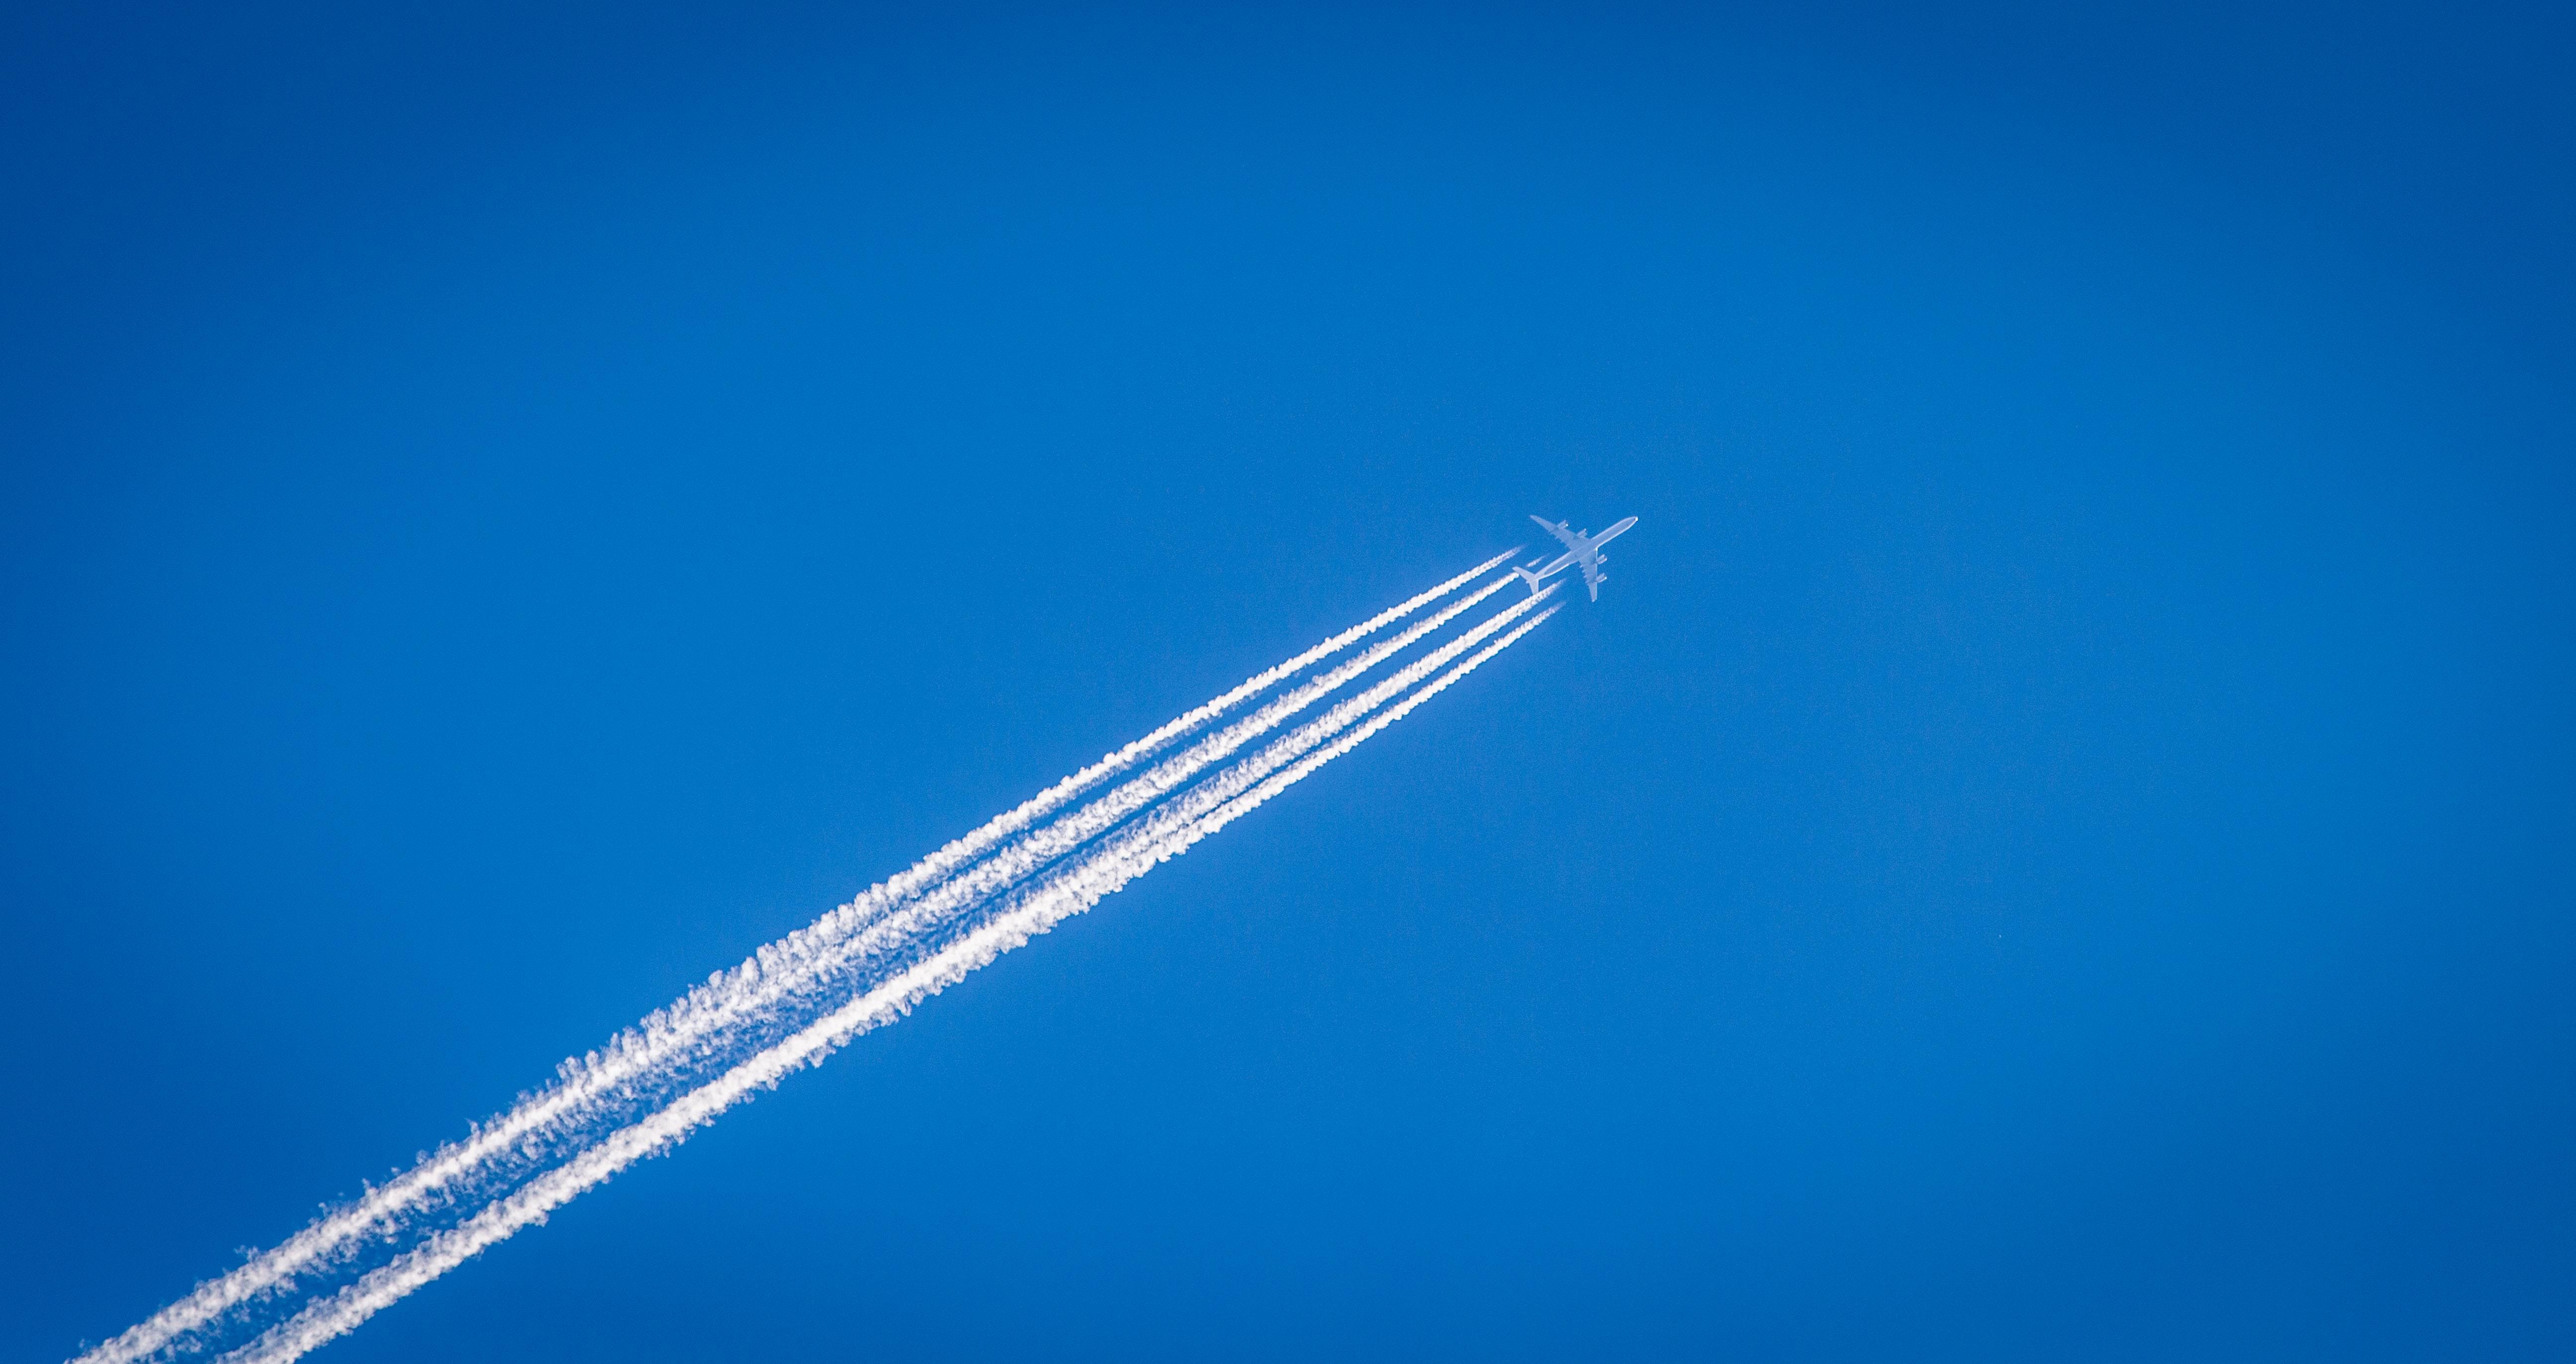 L'avion : moyen de transport le plus polluant?